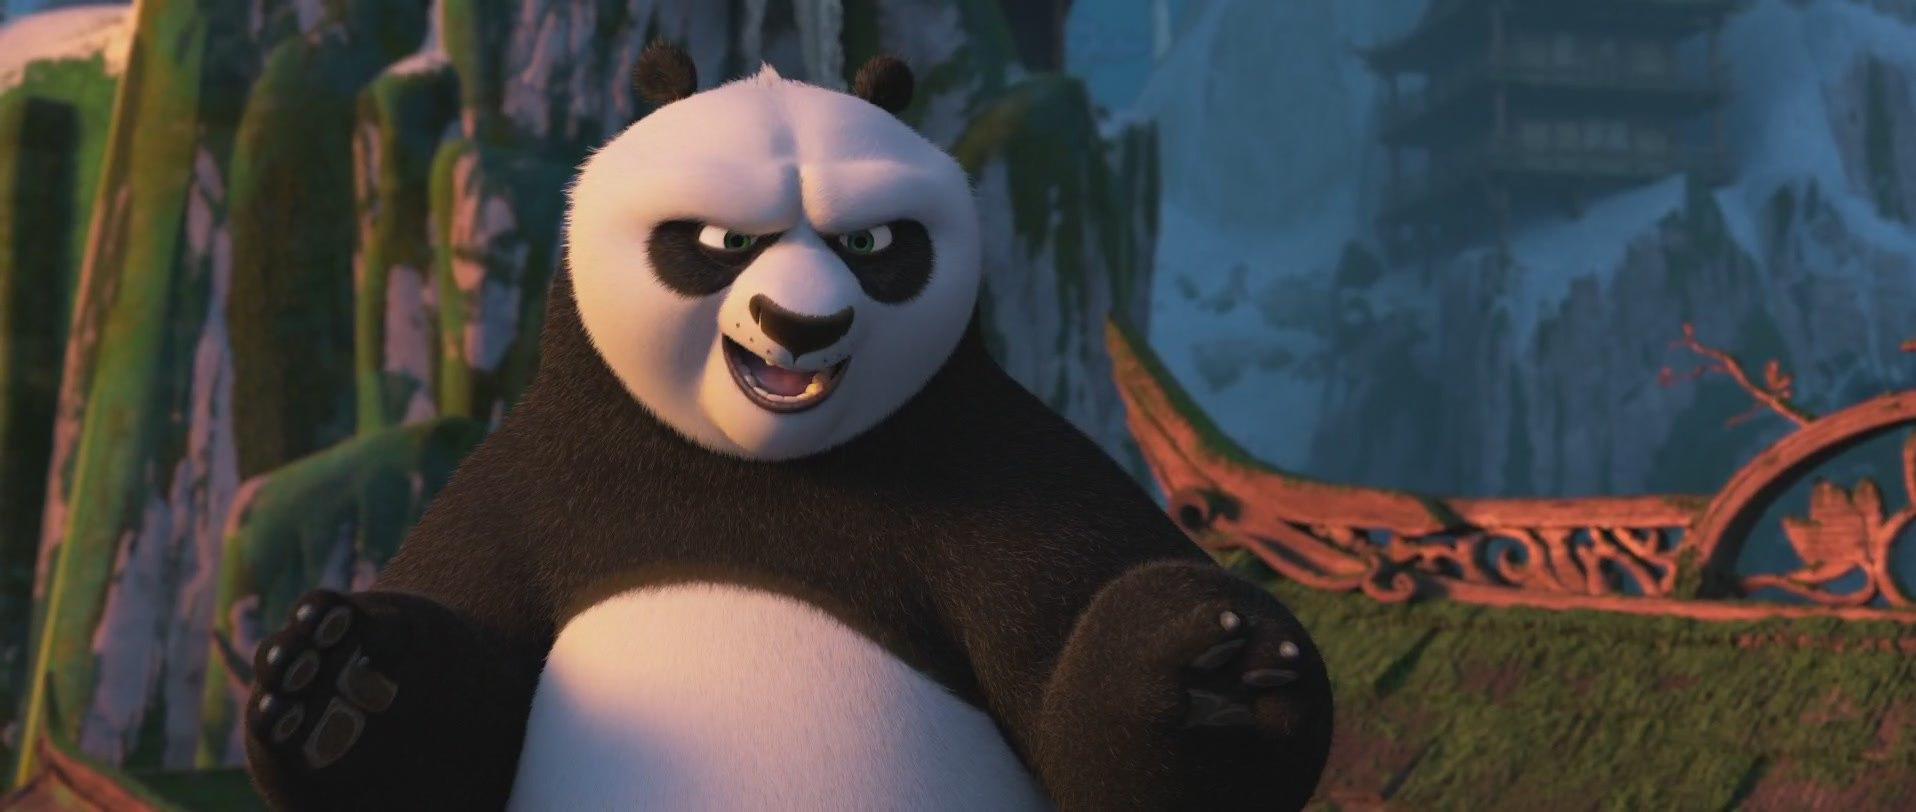 панда кунг-фу отжигает